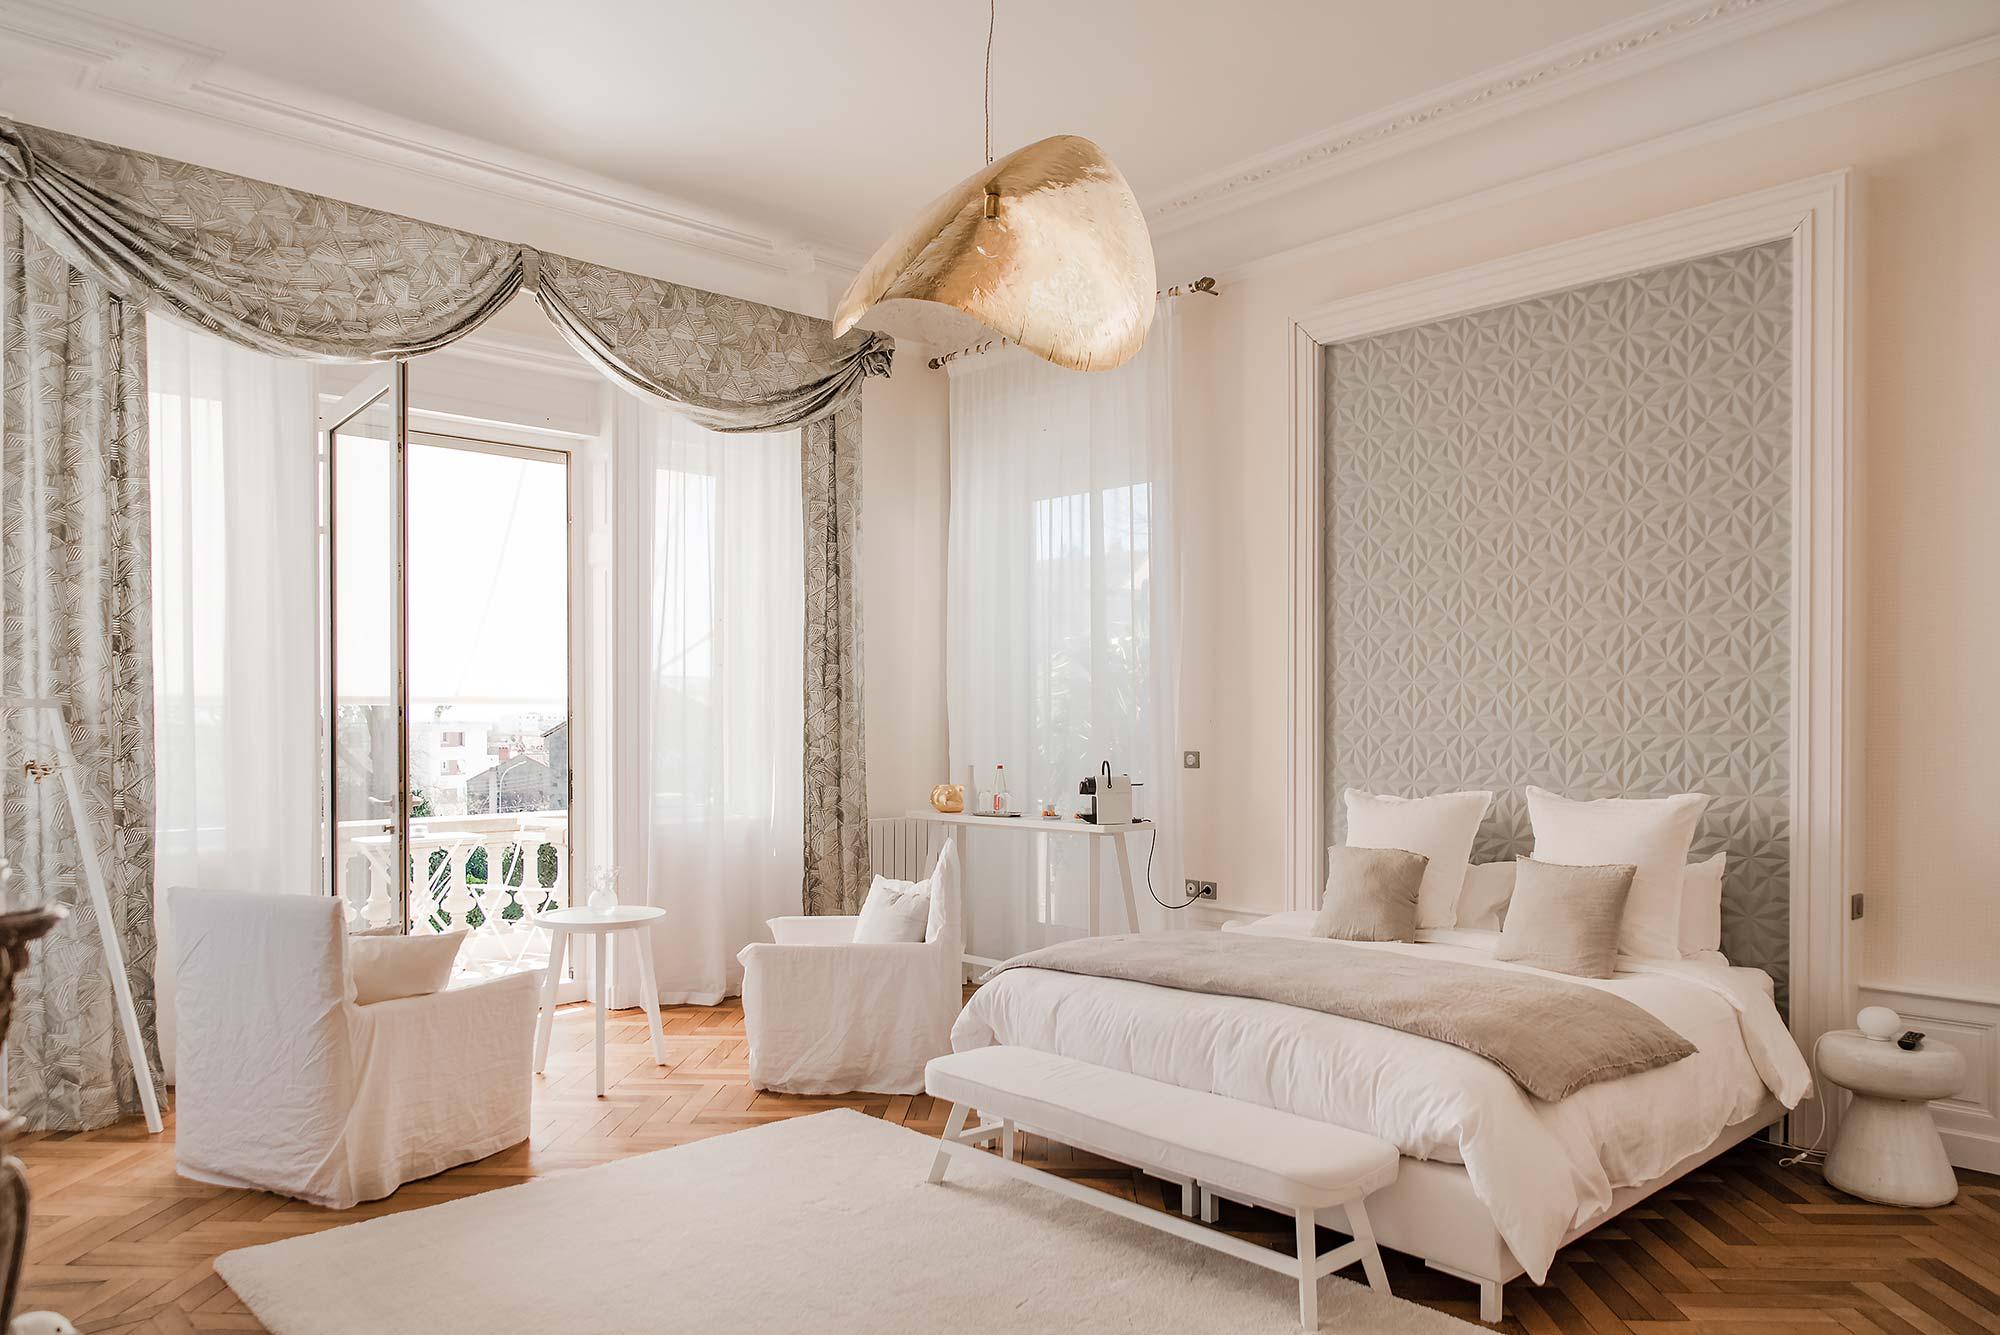 Grande chambre avec belle hauteur sous plafond, décoration dans les teintes de beige et de grisé, suspension et décoration design